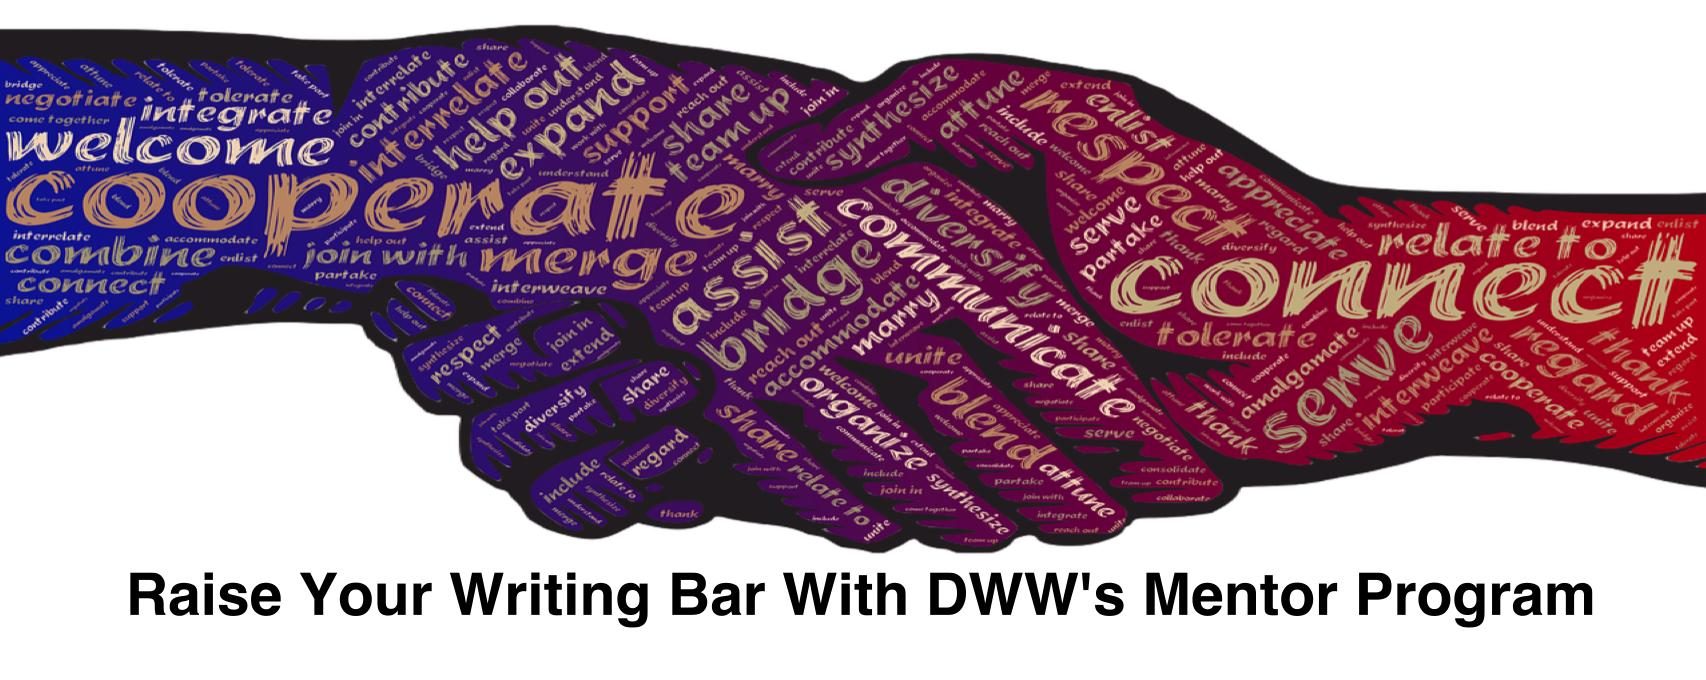 DWW slide